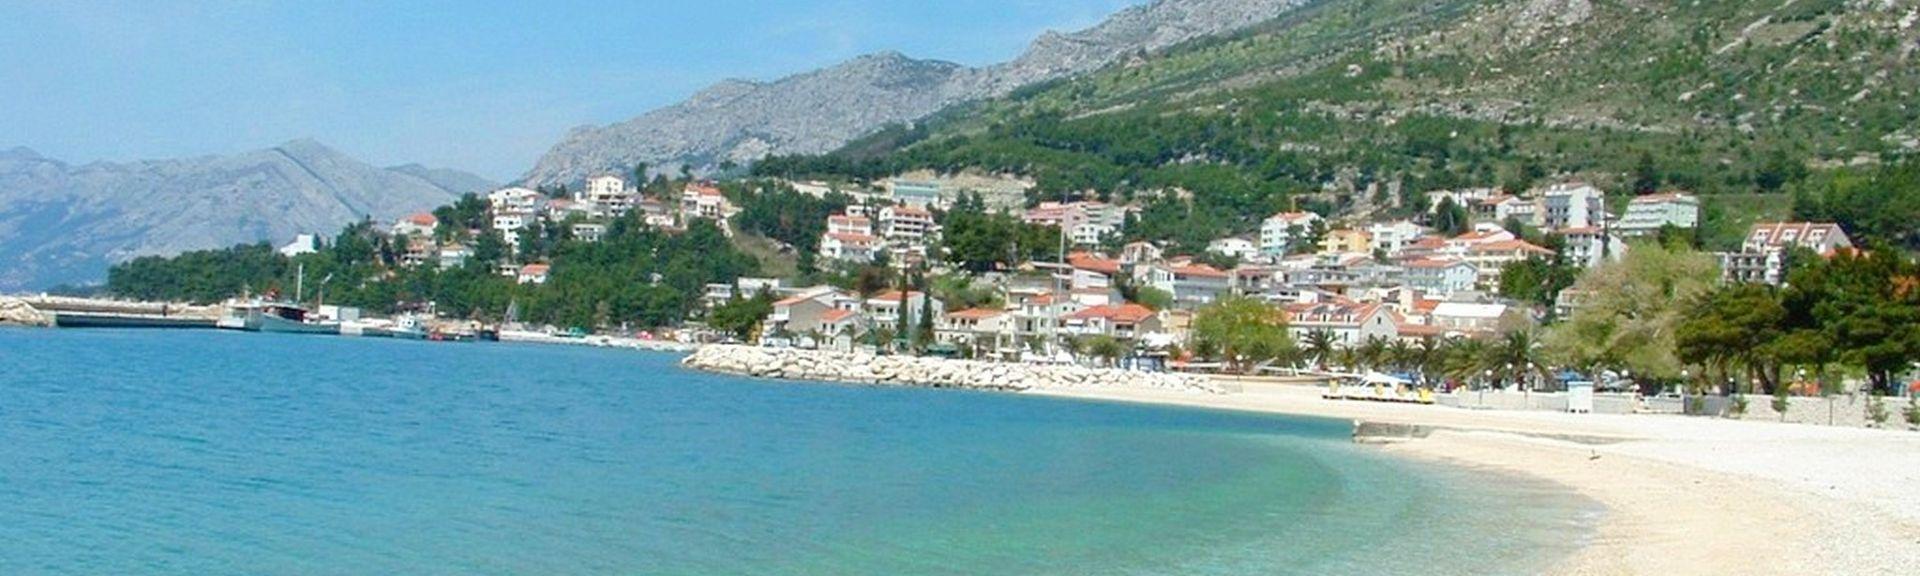 Tučepi, Spalato-Dalmazia, Croazia